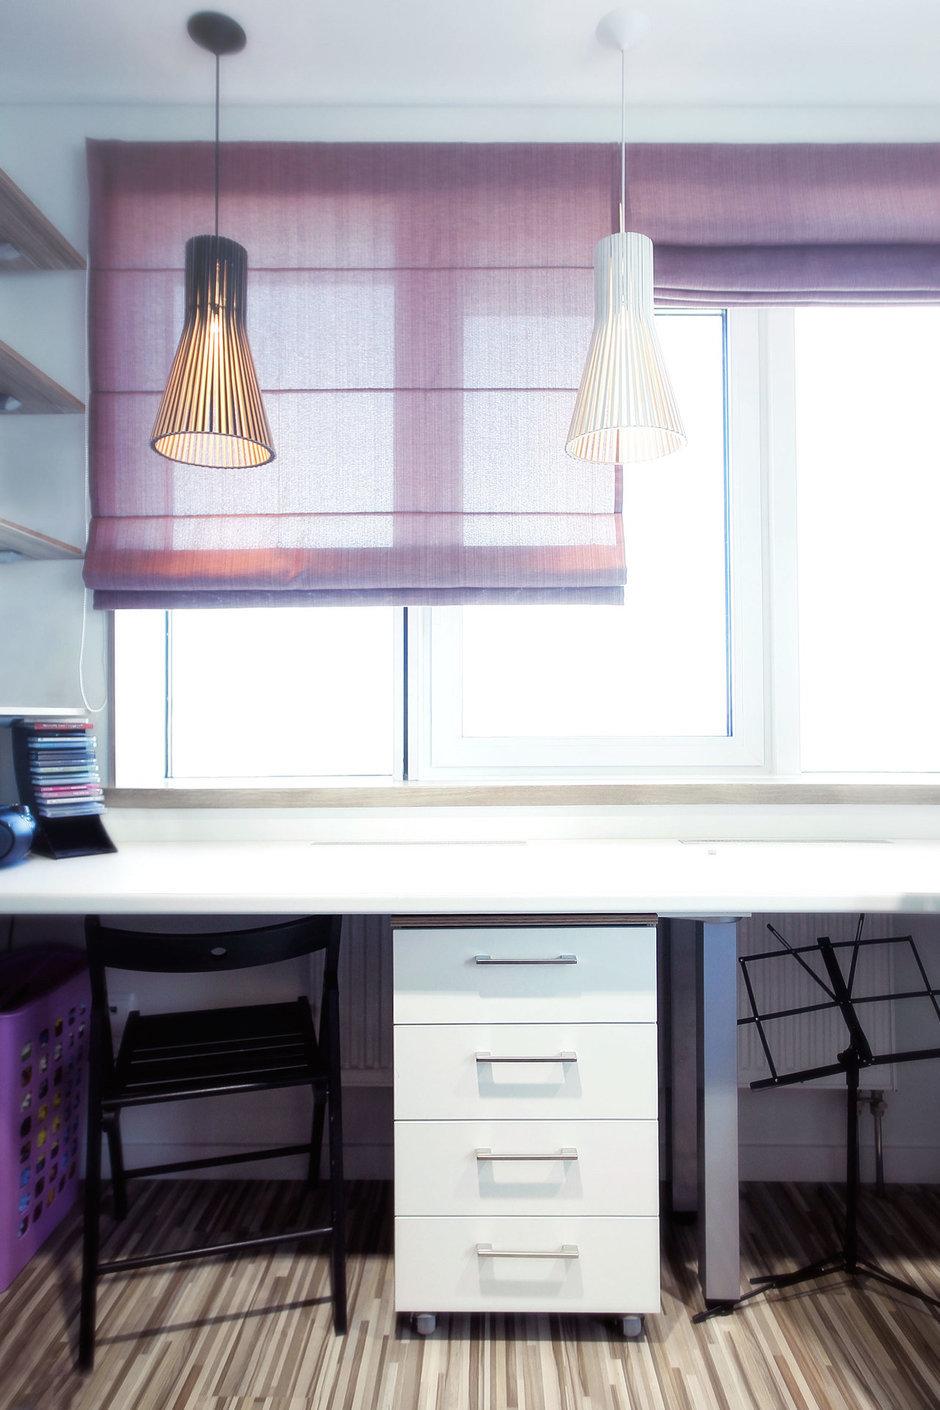 Фотография: Спальня в стиле Прованс и Кантри, Эклектика, Квартира, Текстиль, Декор, Дома и квартиры, IKEA, Проект недели, Москва – фото на InMyRoom.ru